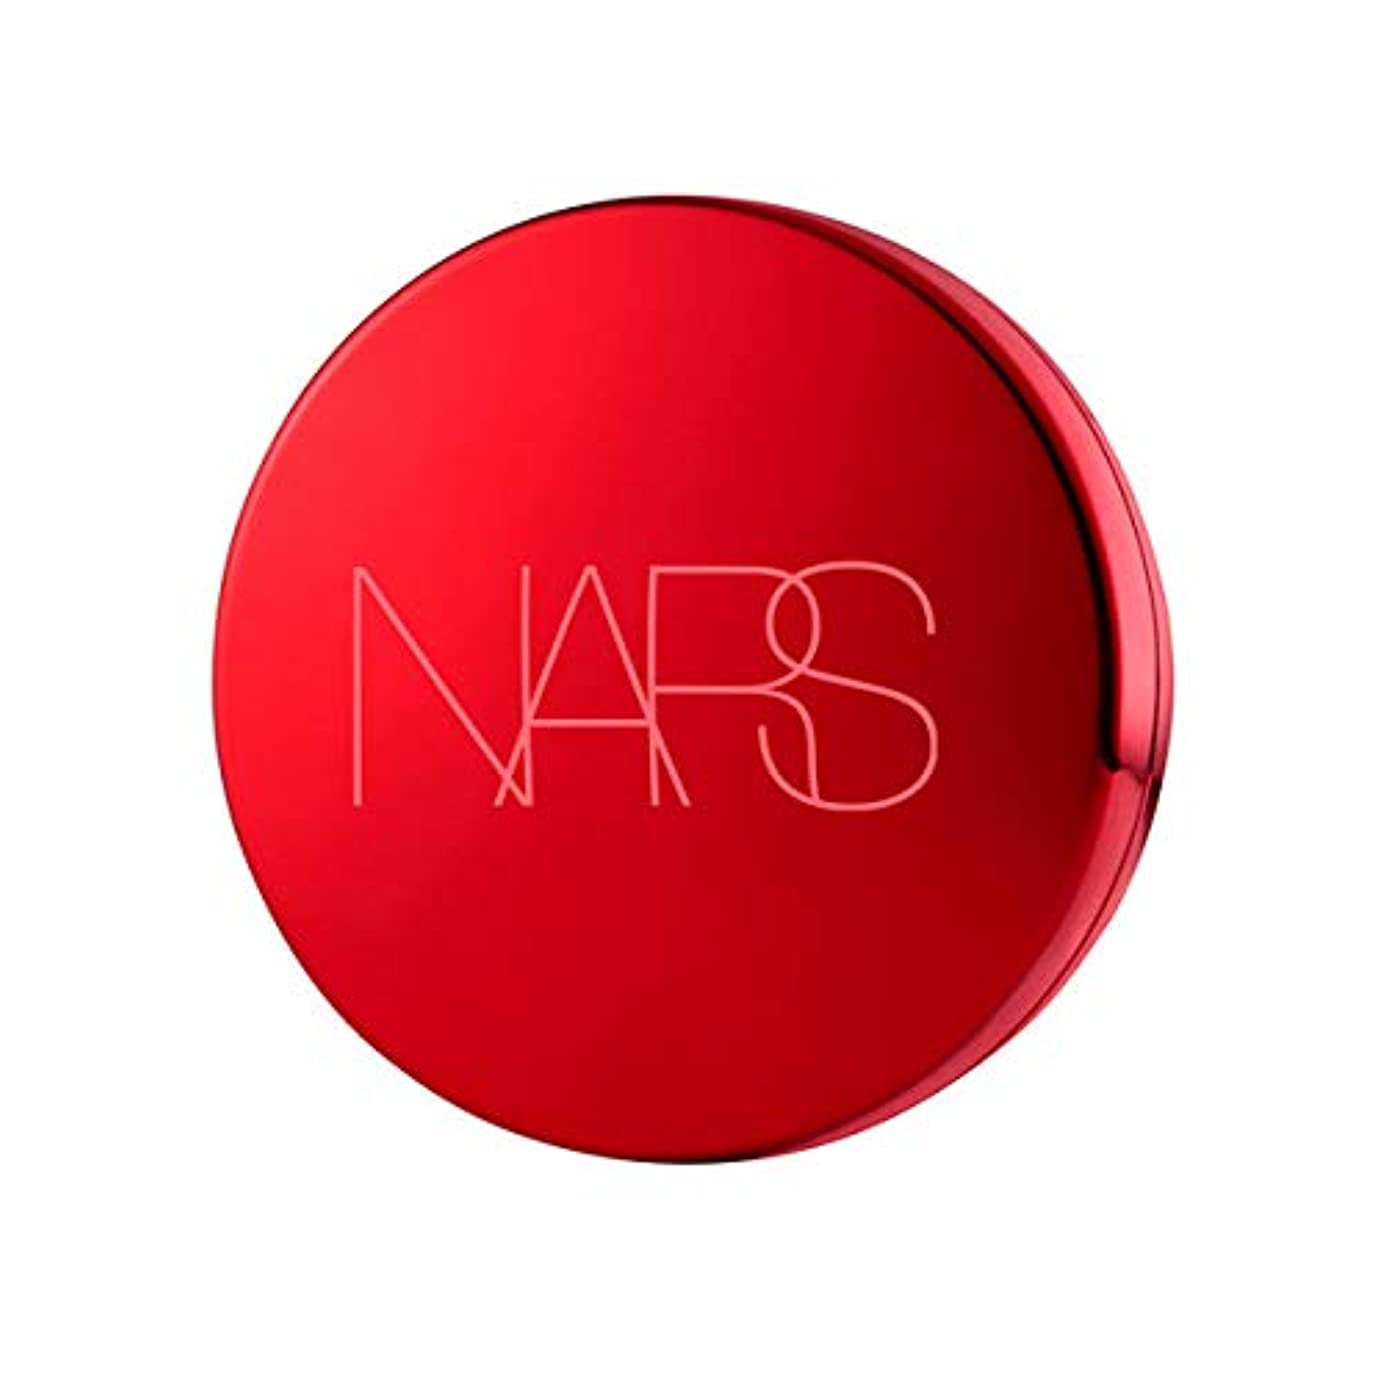 遊び場ベーリング海峡垂直【NARS(ナーズ)】 アクアティックグロー クッションコンパクト スペシャルエディションケース